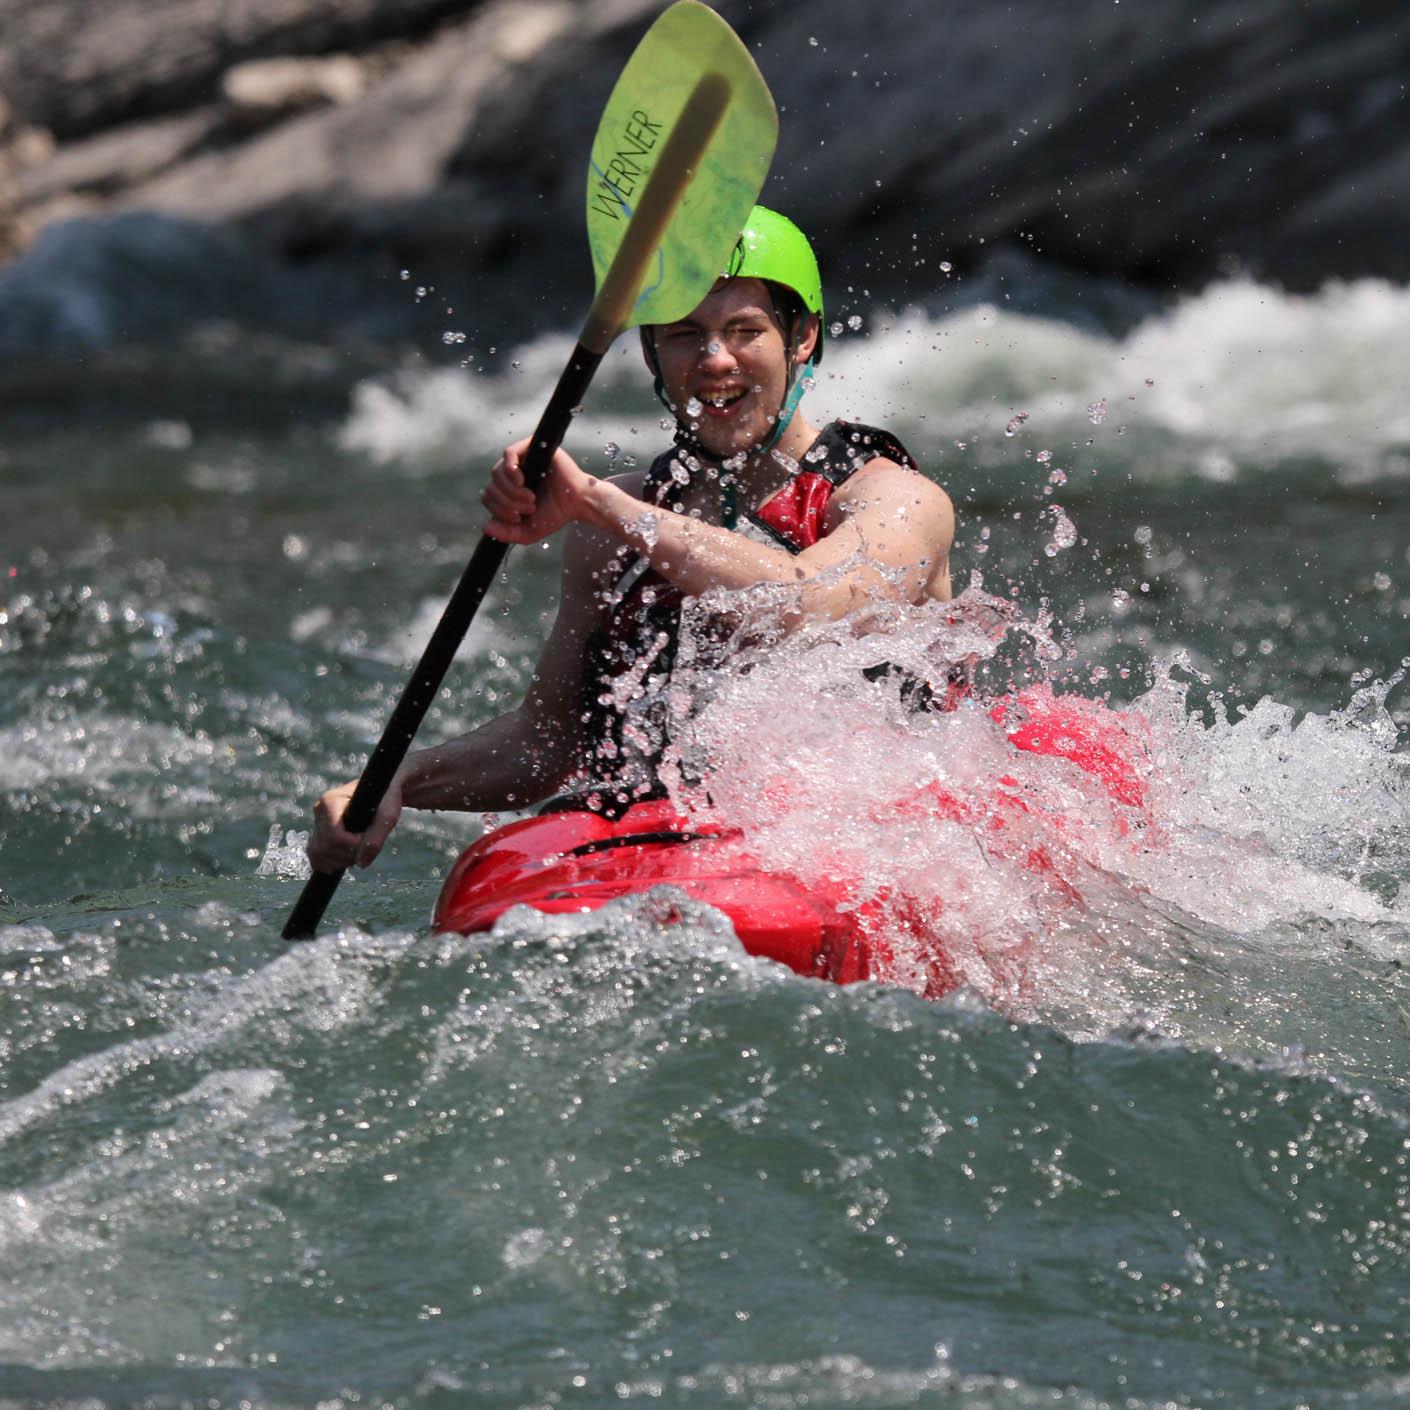 Jackson Hole High Trails whitewater kayaking